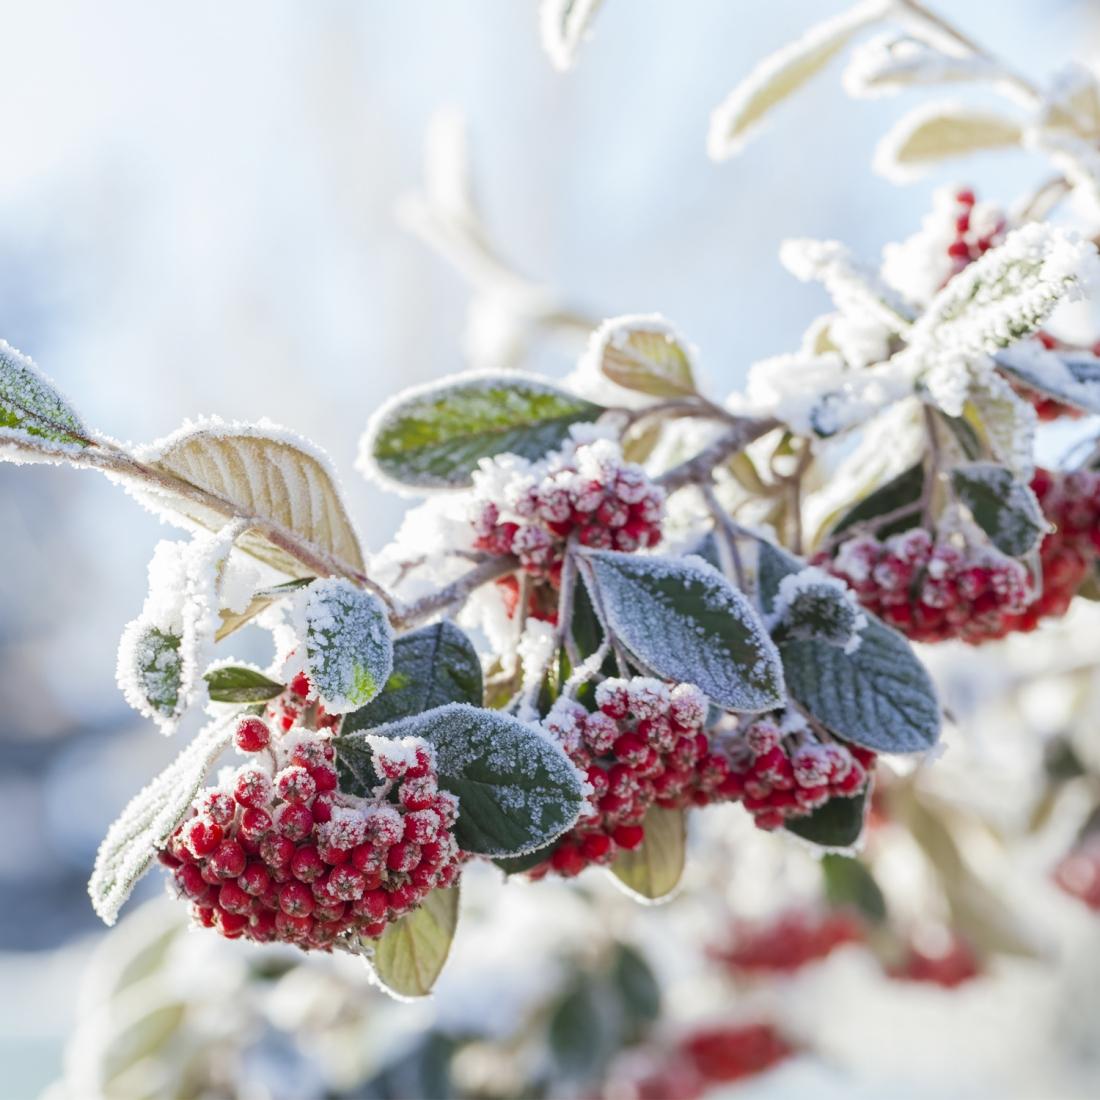 Come Curare Le Piante come curare le piante dopo il gelo